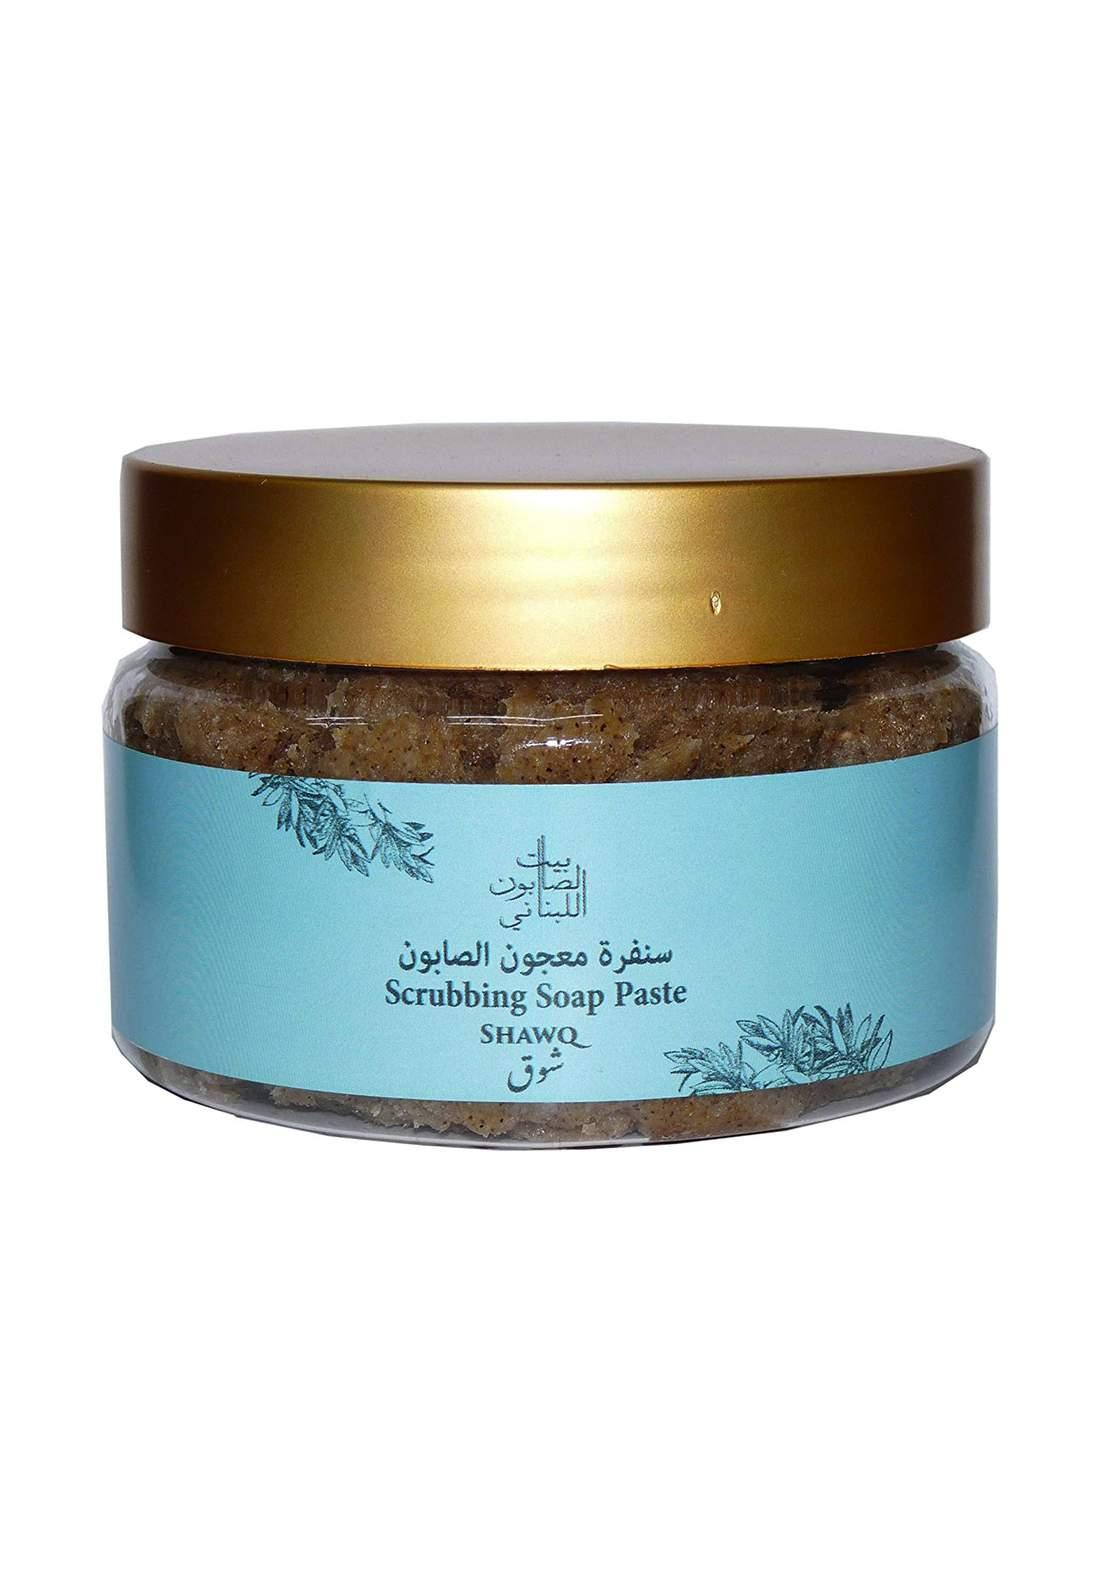 Bayt Alsaboun Alloubnani-317470 Scrubbing Soap Paste Shawq 300g سنفرة